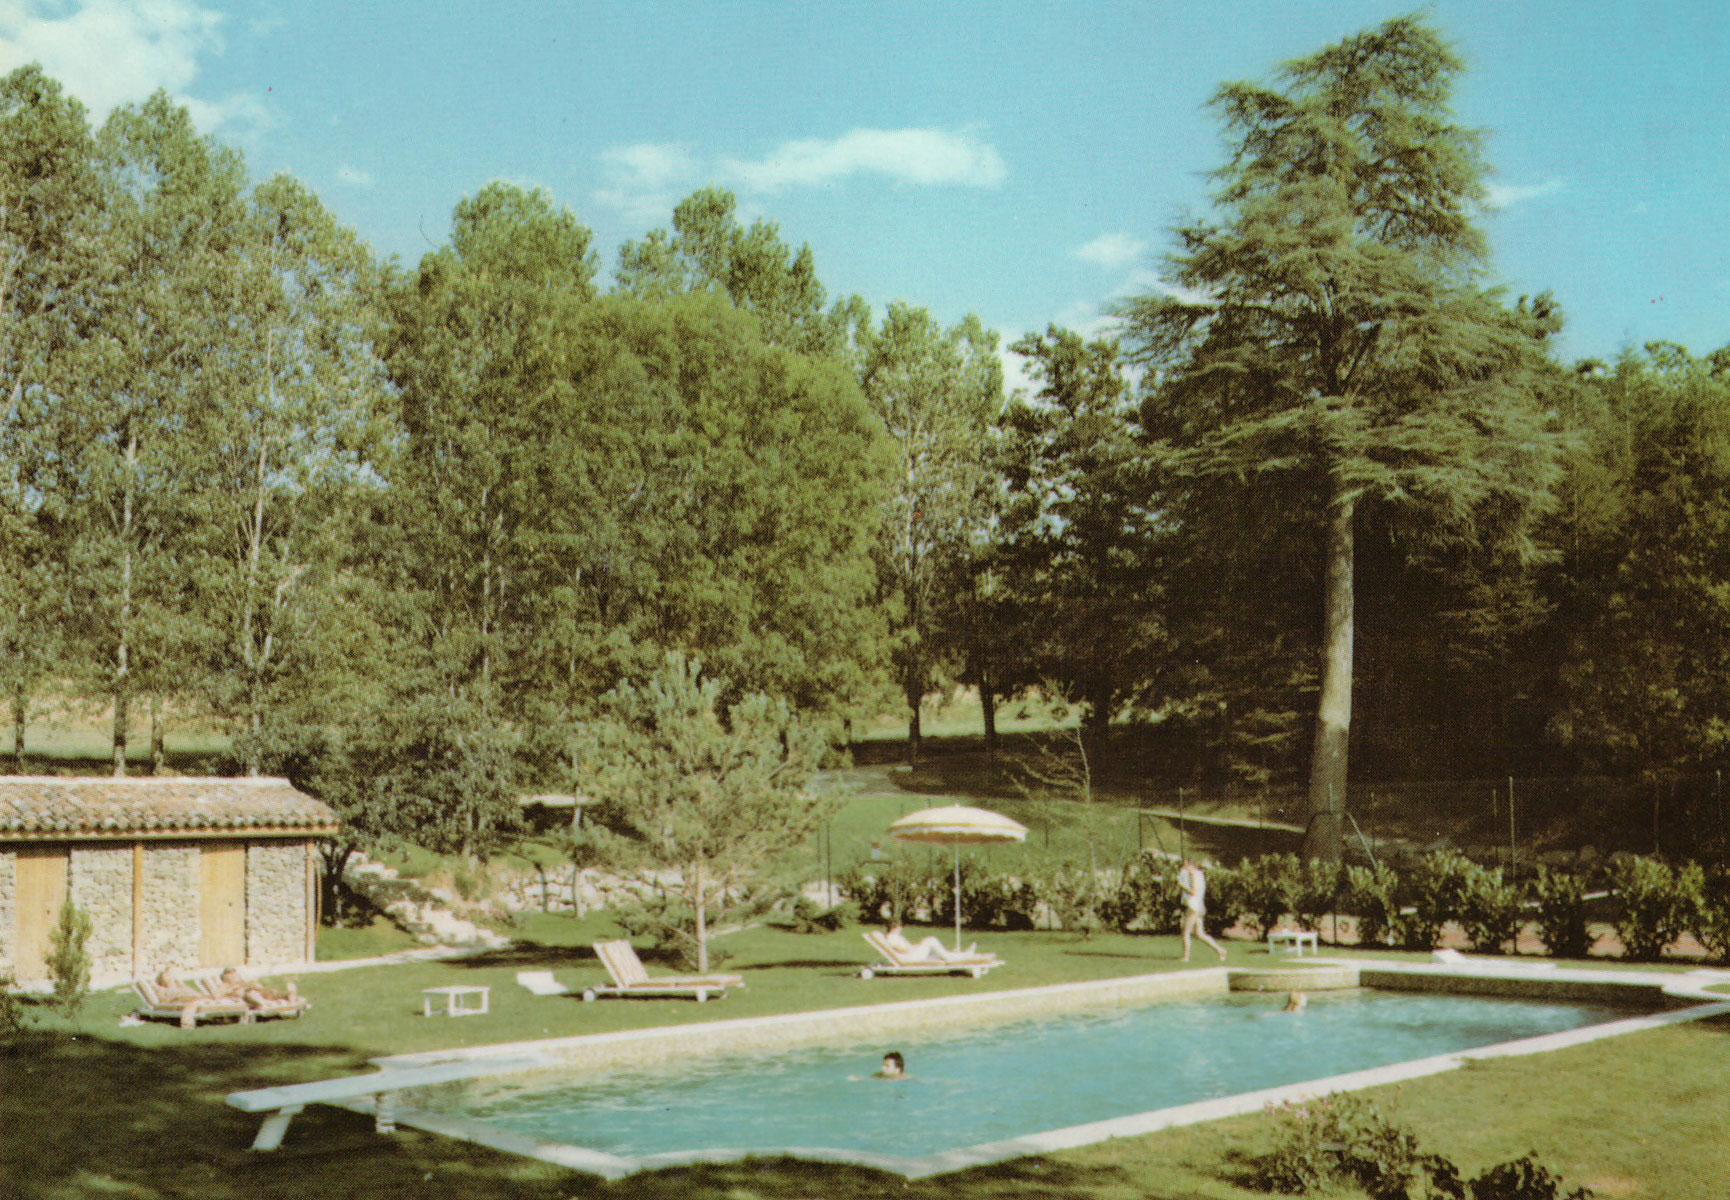 Relais chateau en ardeche for Ardeche hotel avec piscine